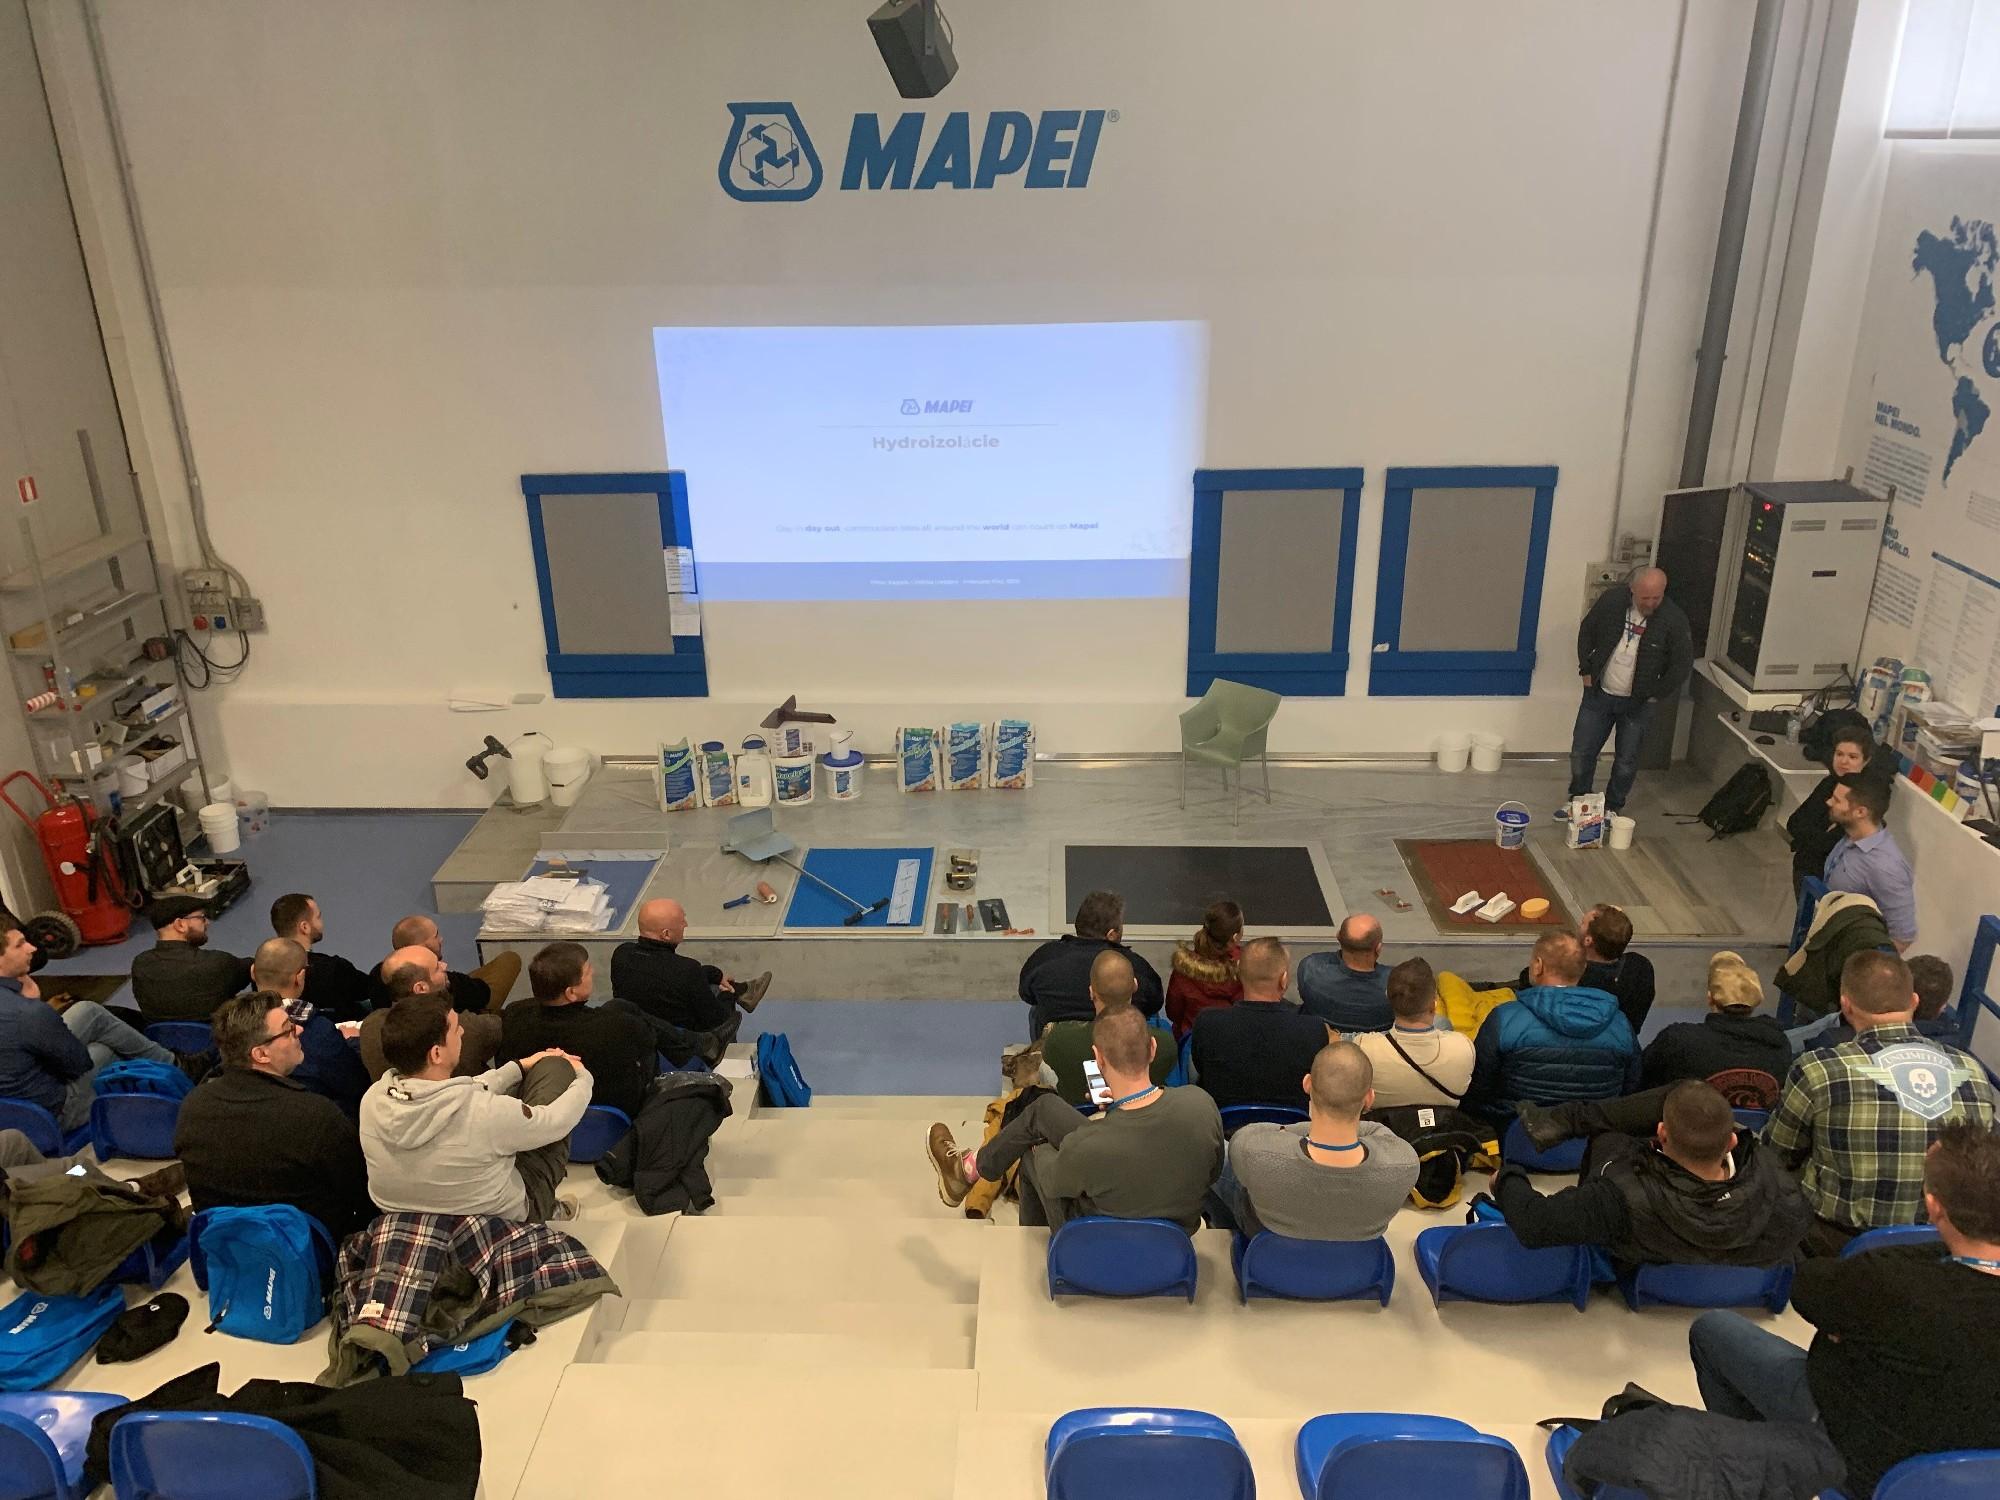 seminar-mapei-hydroizolacie-milano 6